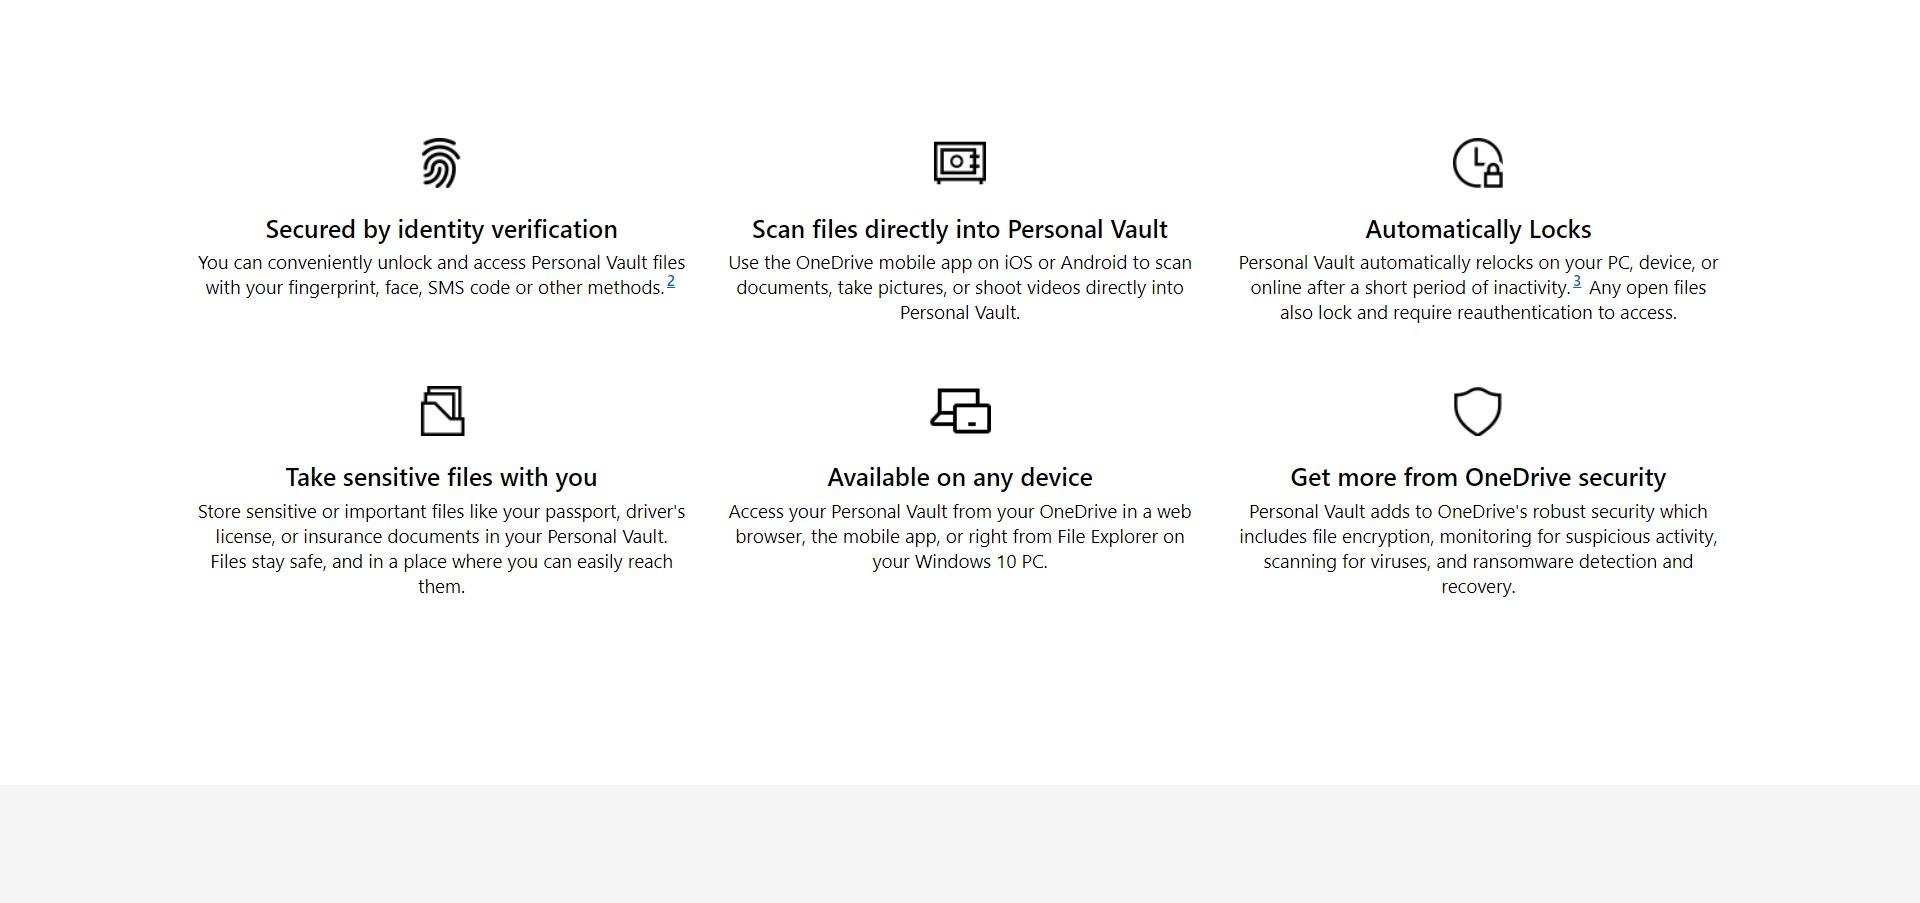 oneDrive safe safe wallet